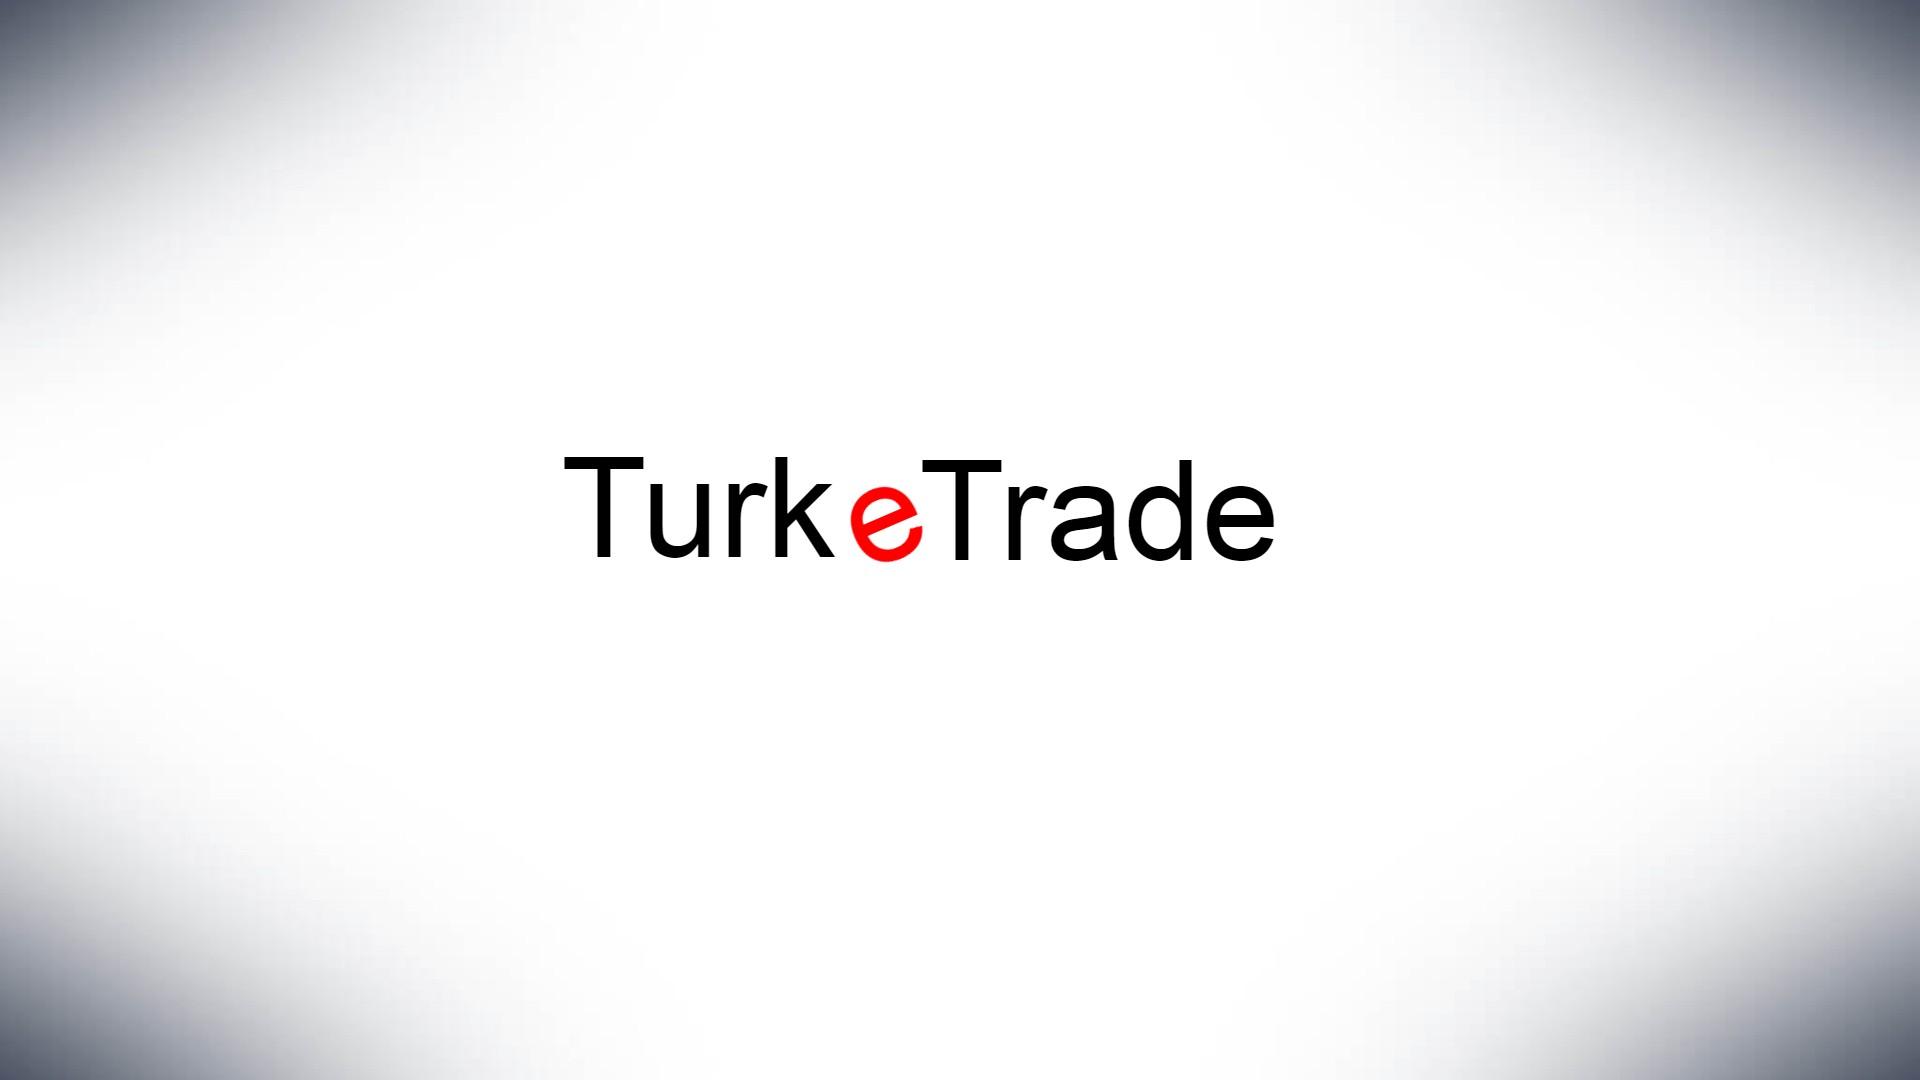 Turketrade logo